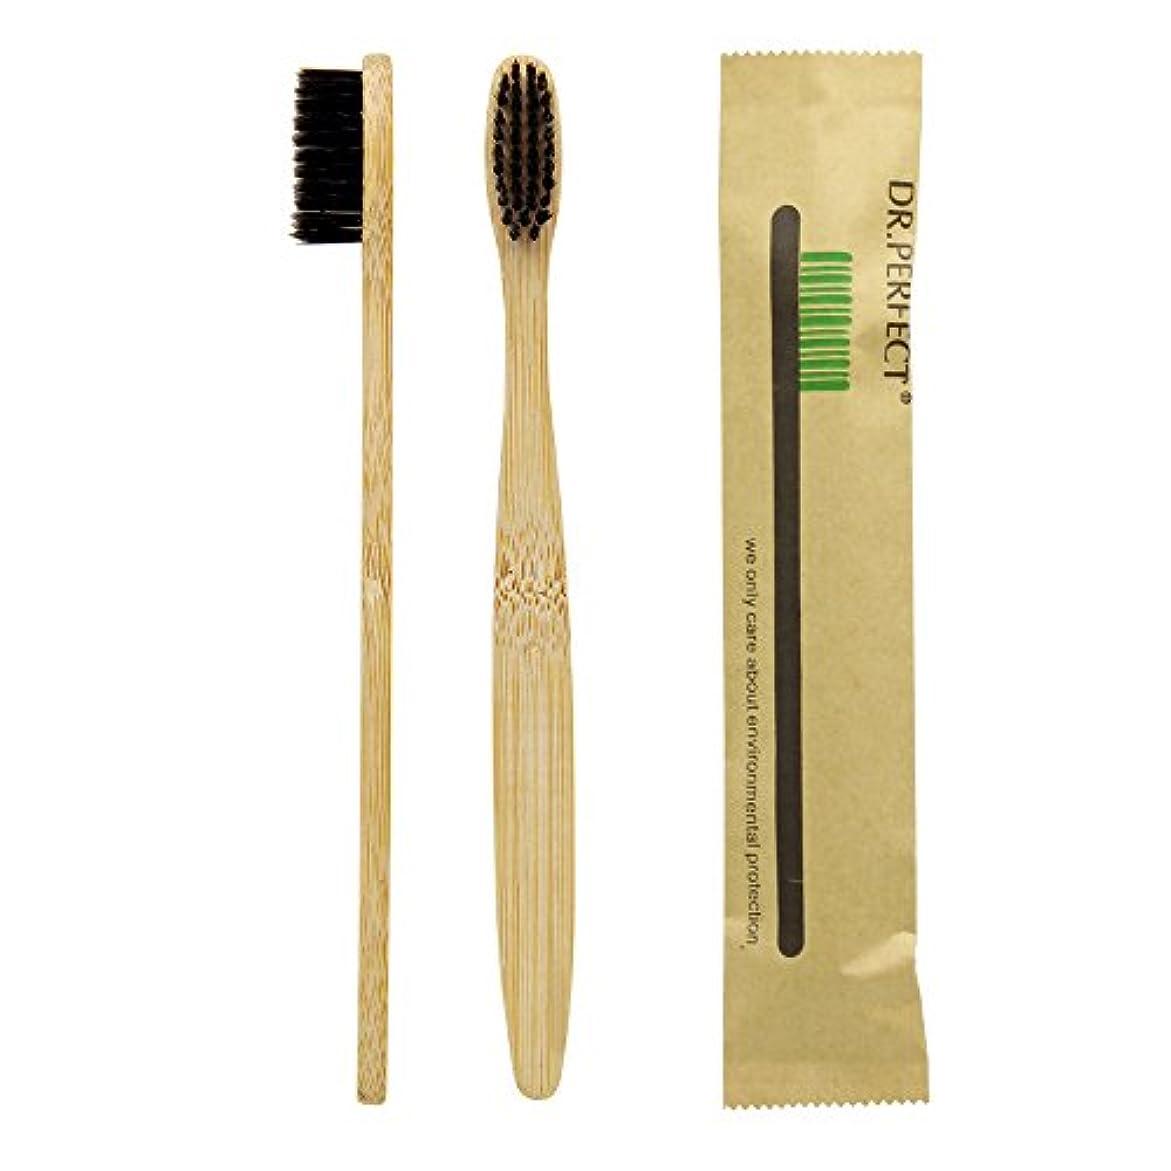 Dr.Perfect 歯ブラシ 竹歯ブラシアダルト竹の歯ブラシ ナイロン毛 環境保護の歯ブラシ (ブラック)